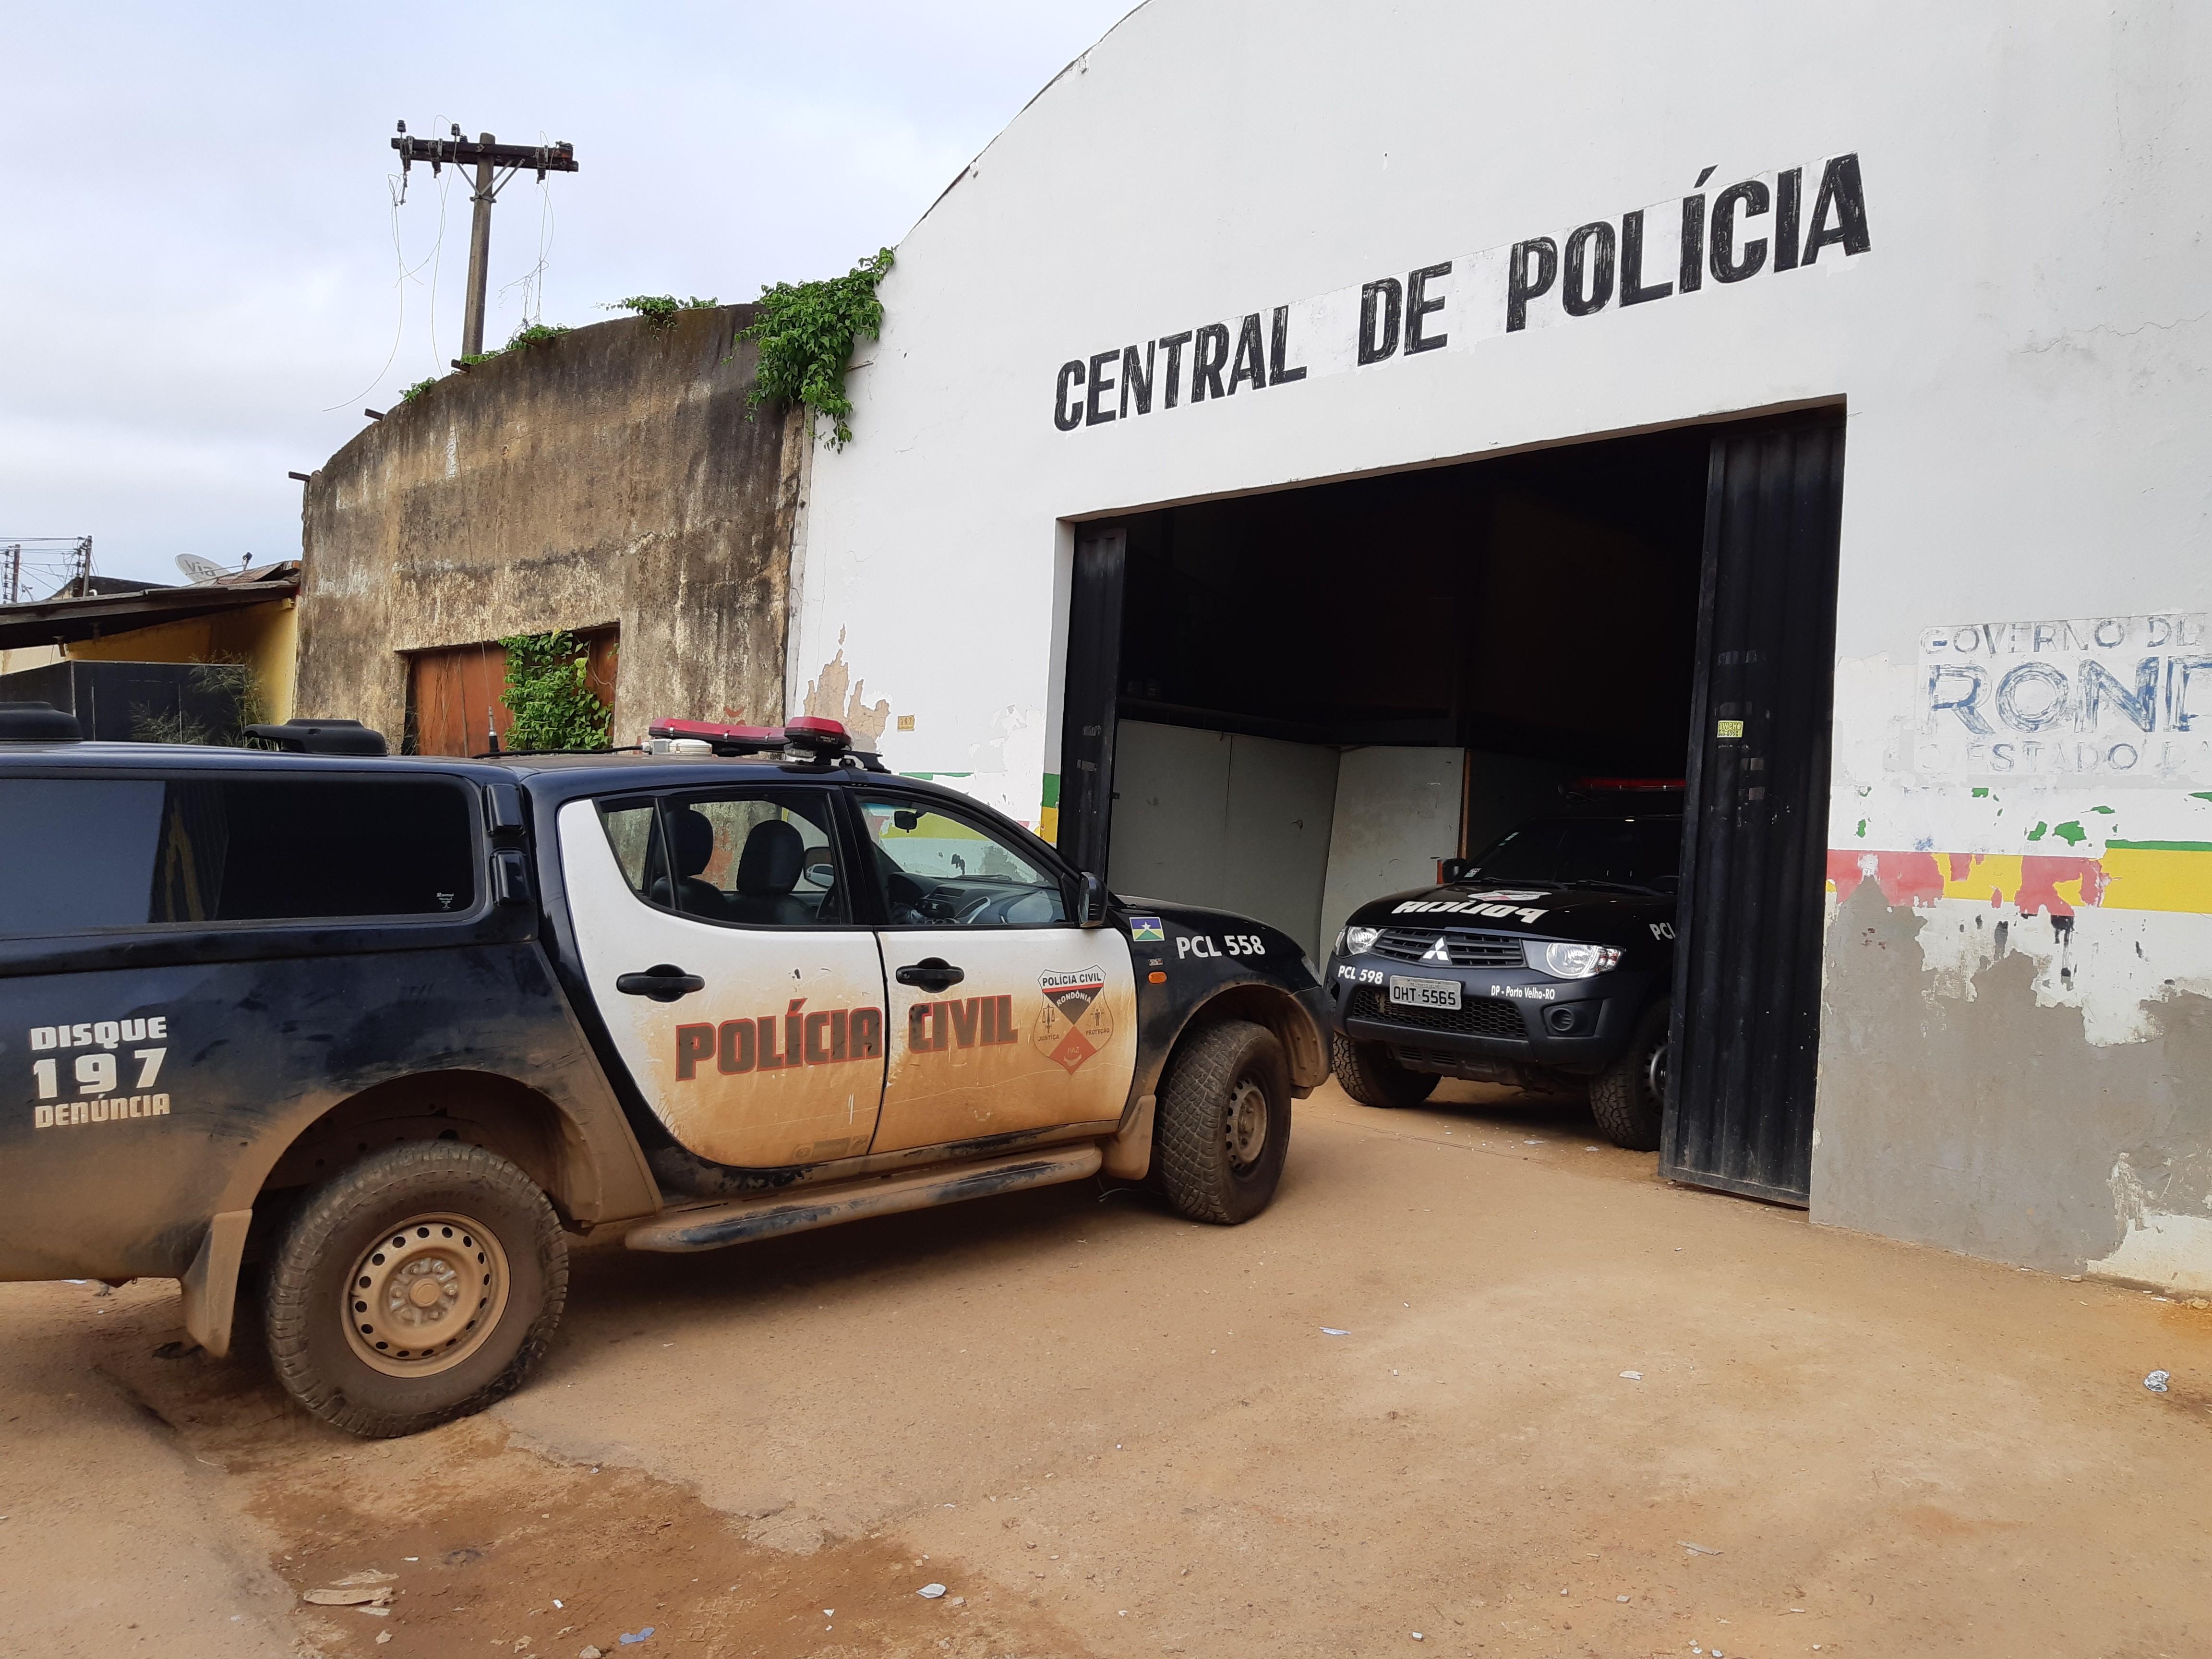 Mecânico é preso por receptação após comprar carro por R$ 1 mil em Porto Velho